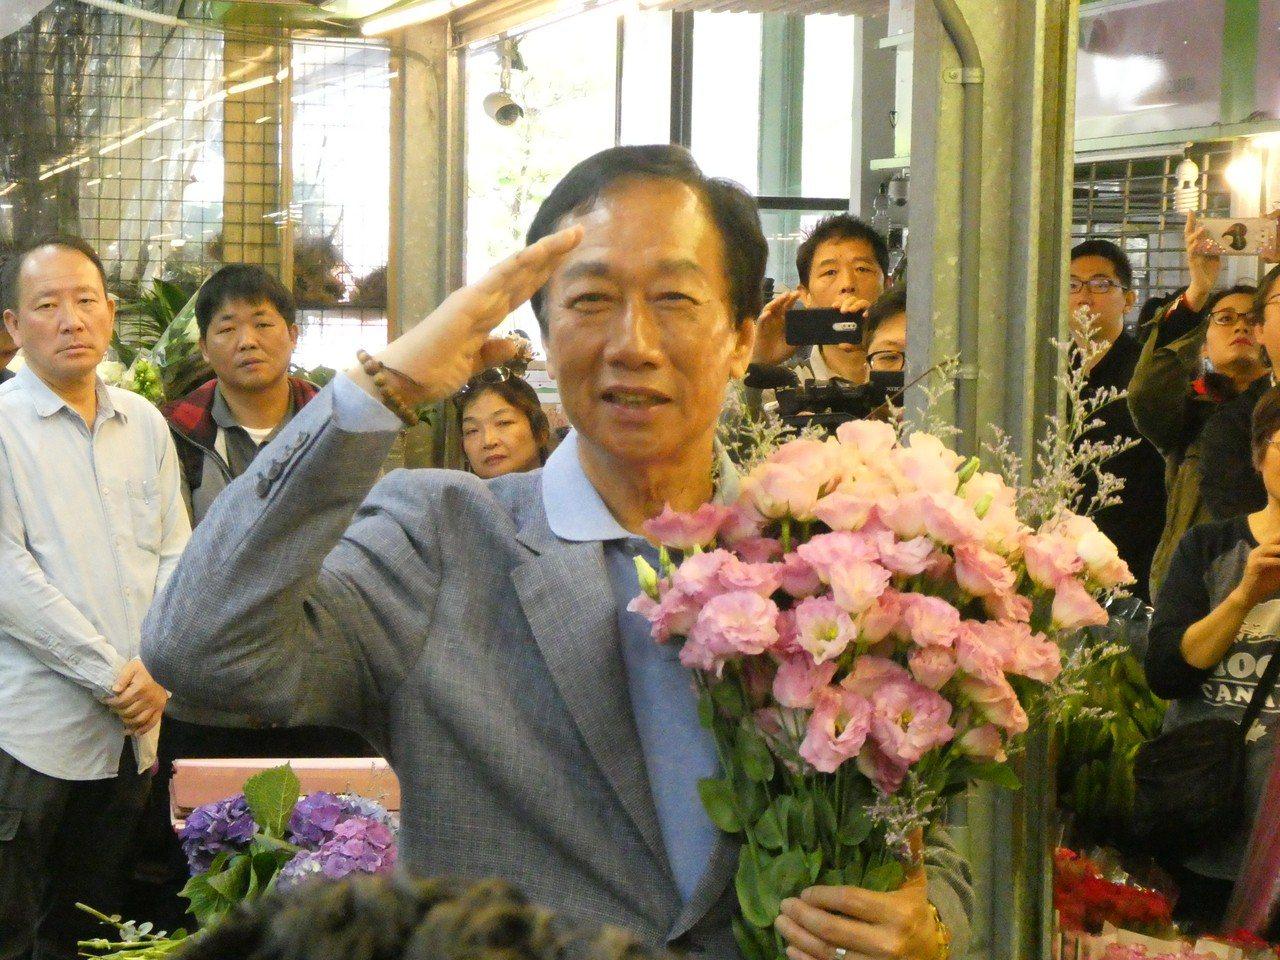 鴻海董事長郭台銘昨天說,台灣一定要做自貿區,配合美中貿易戰的新形勢走出去。 記者...